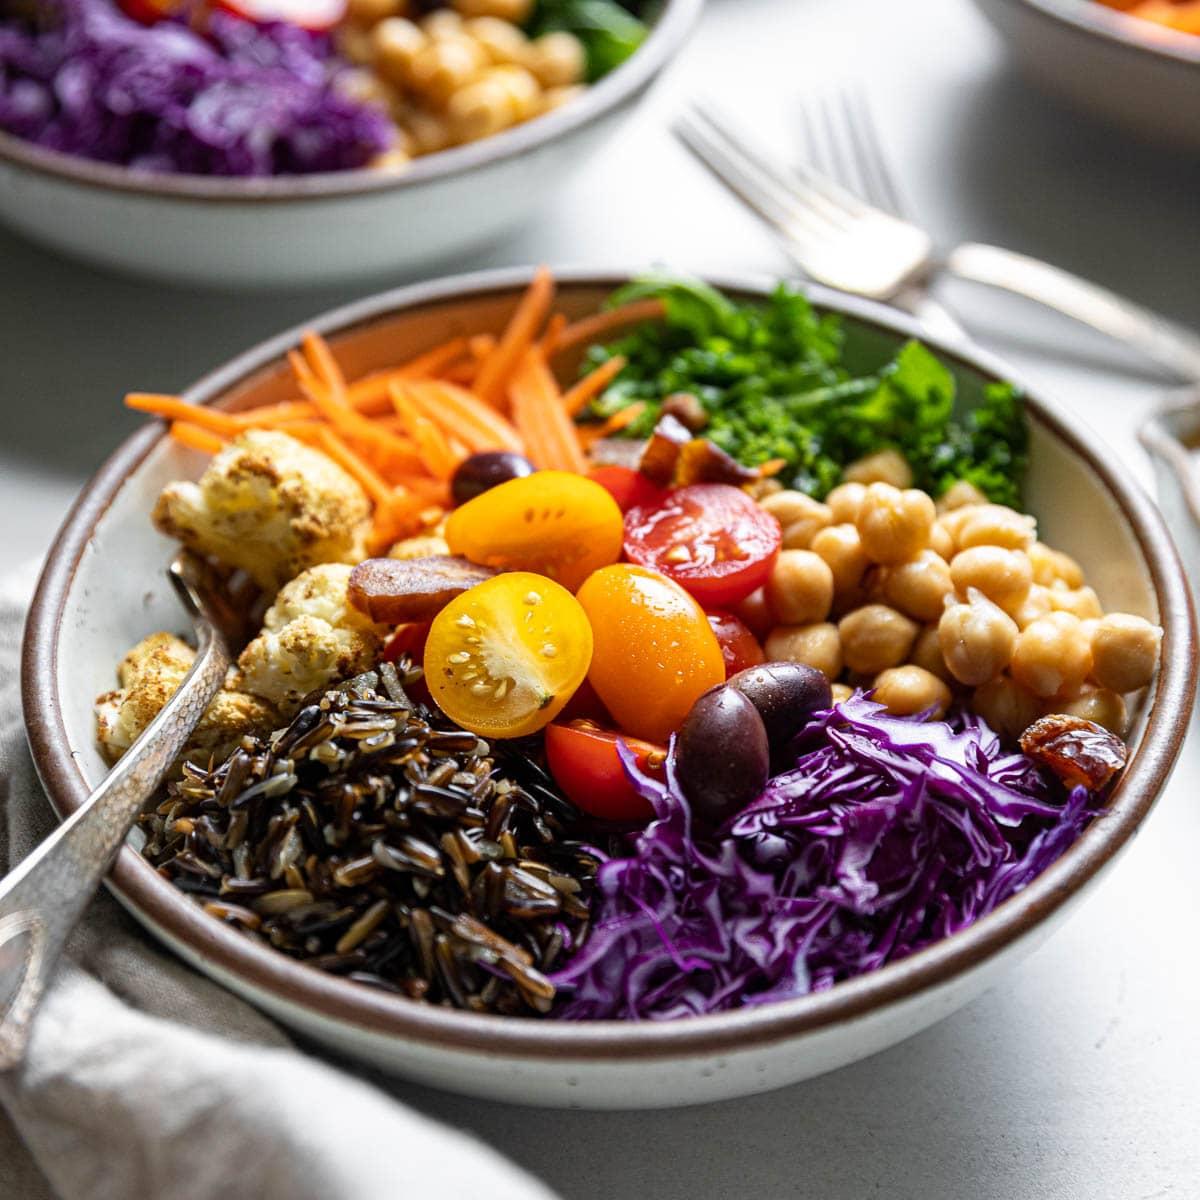 WIld Rice Mediterranean Bowls